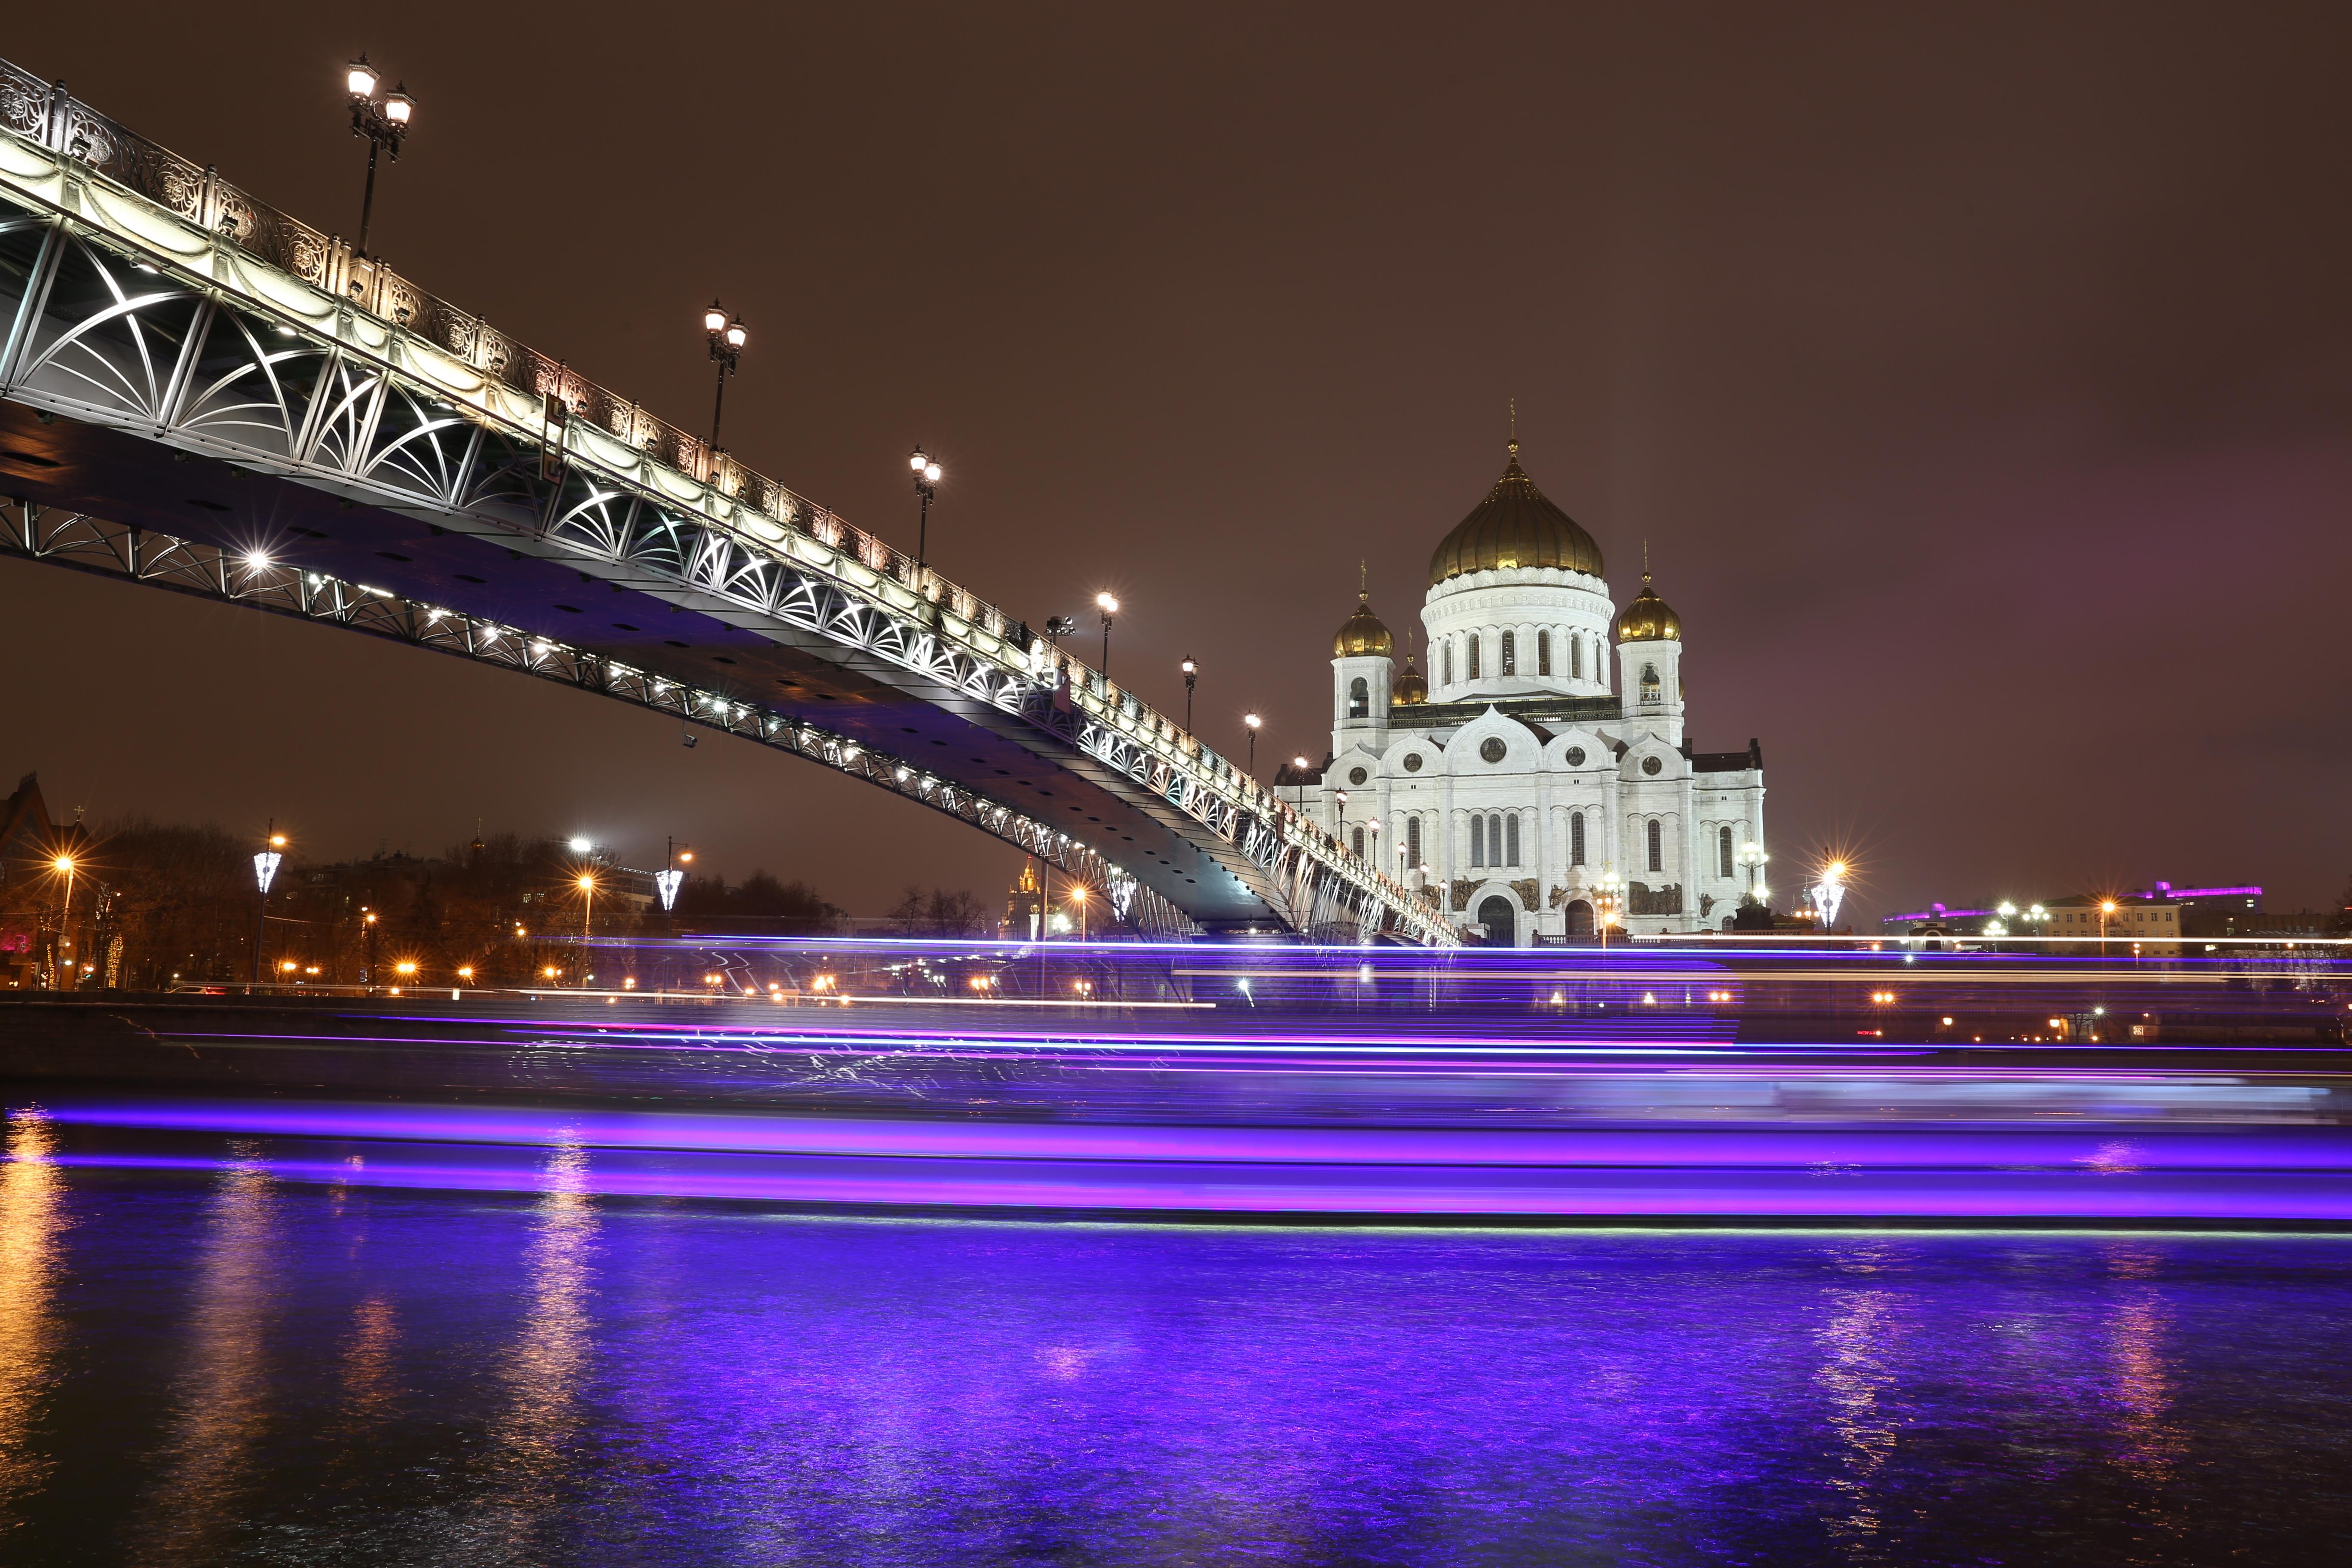 City, Bridge, Building, Construction, Light, HQ Photo